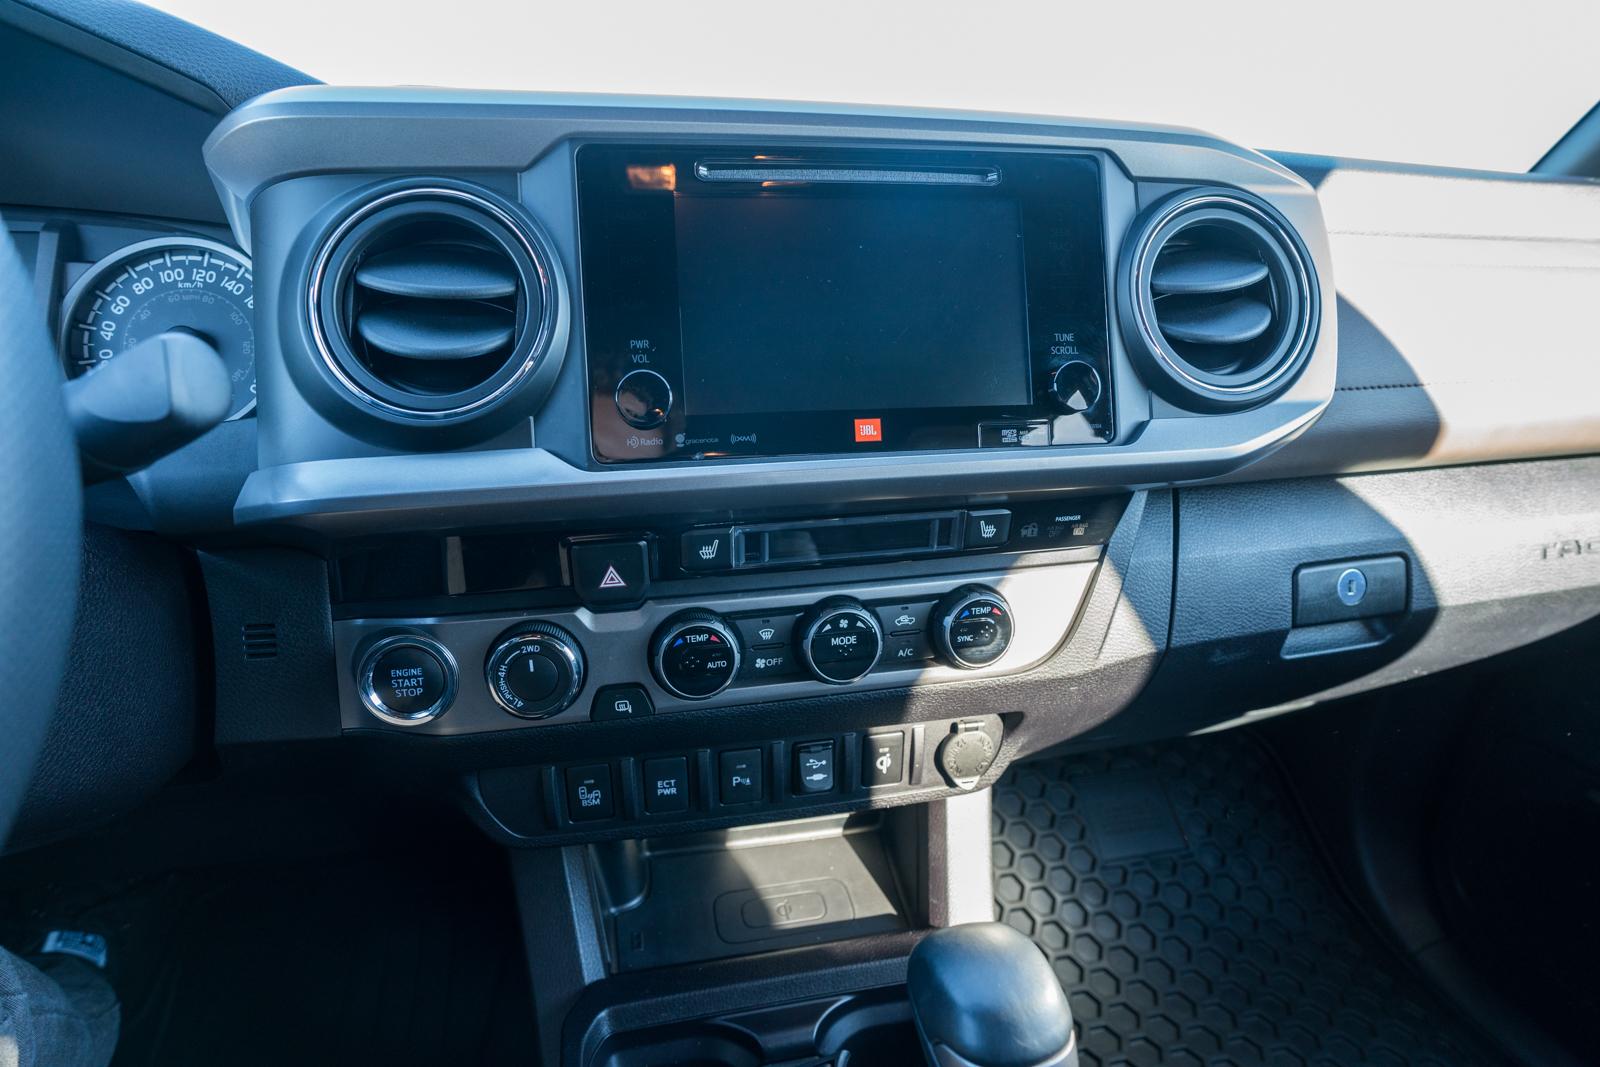 Stereo Wiring Diagram For Toyota Rav4 2016 Engine